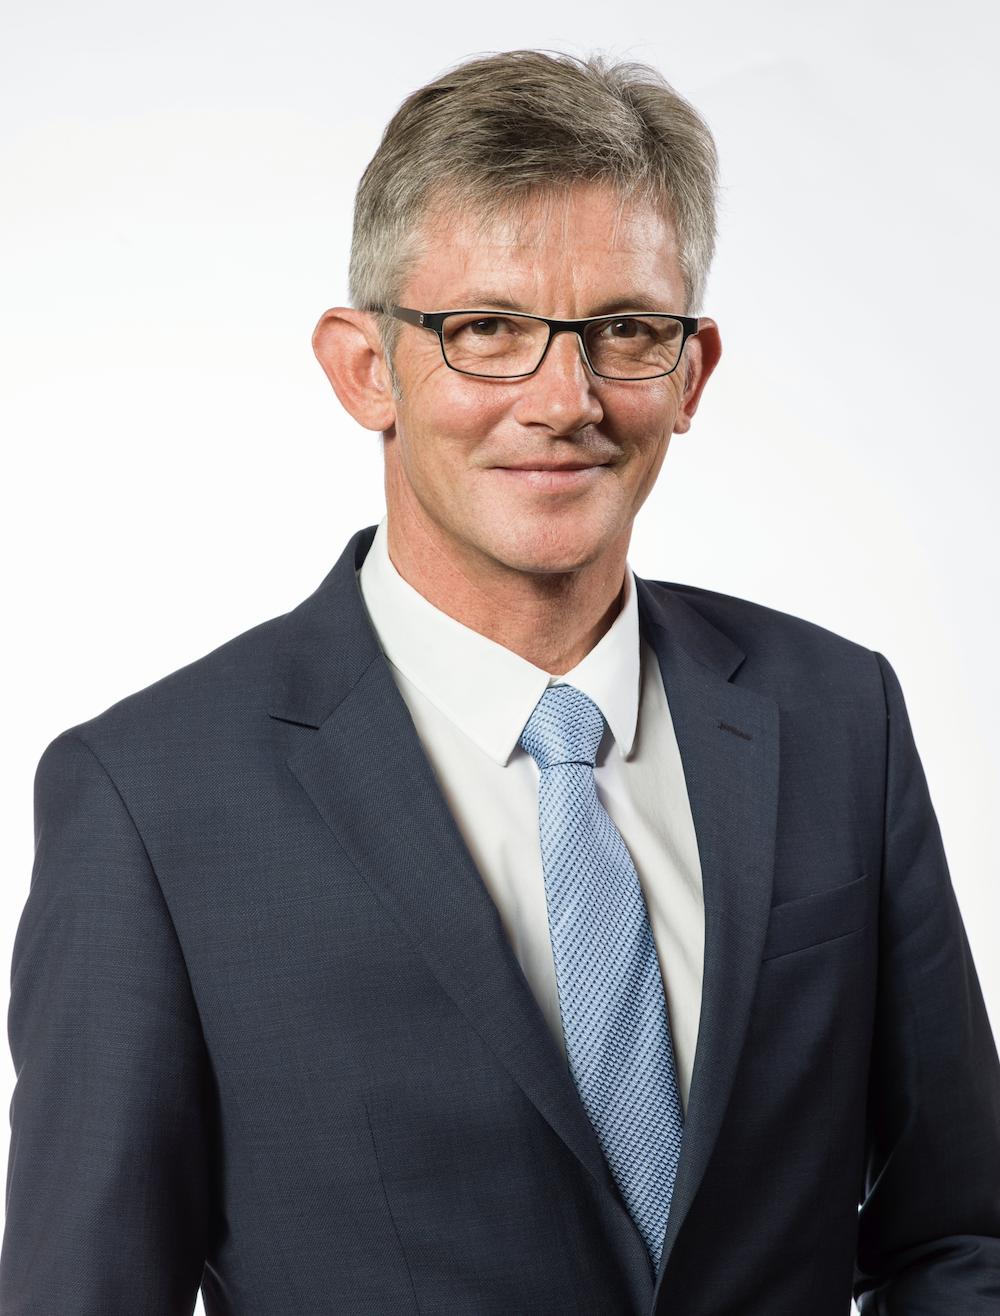 Der neue Präsident des DStGB, Ralph Spiegler sieht viel Gutes im Konjunkturpaket der Bundesregierung